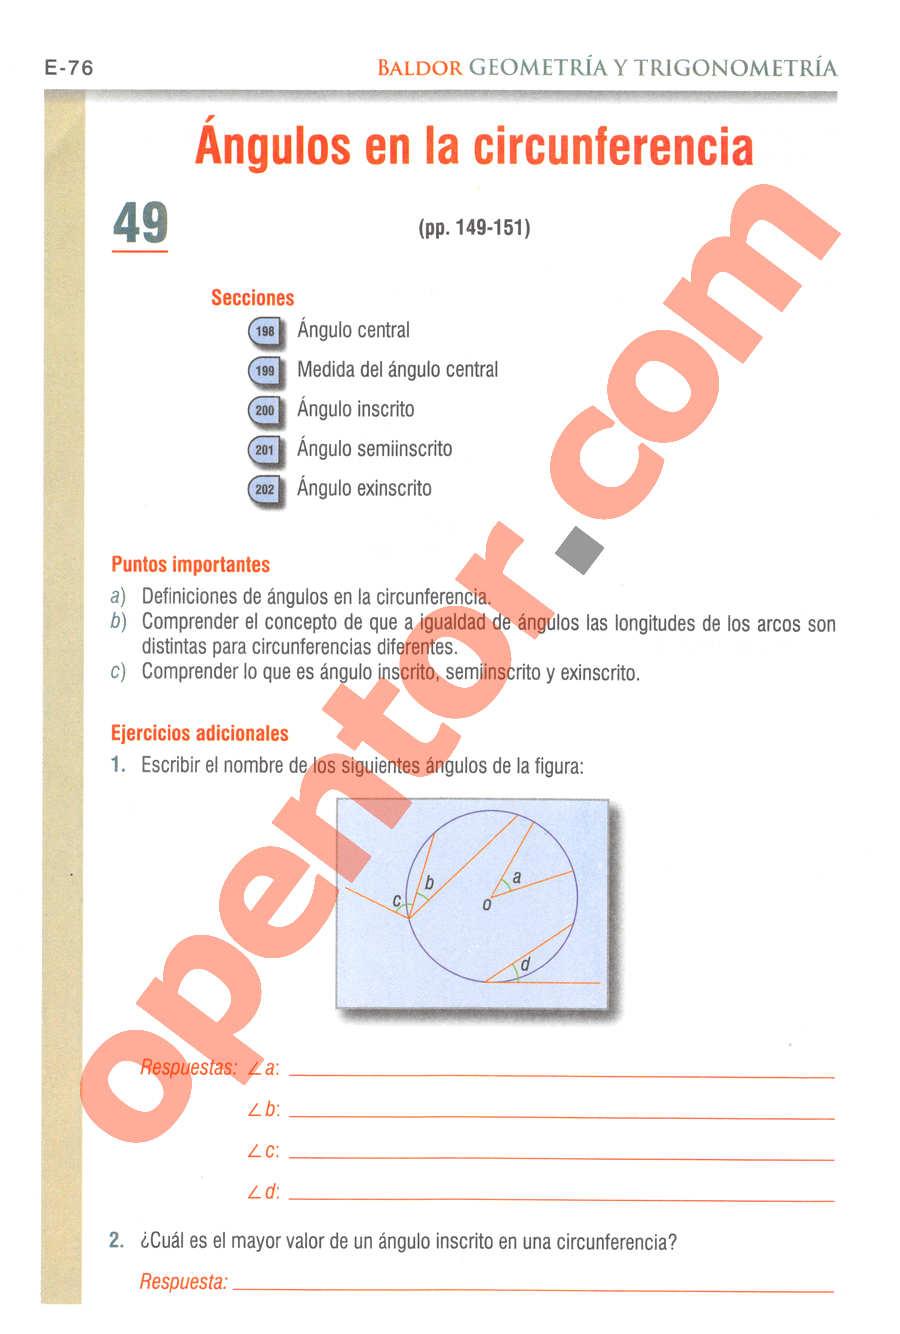 Geometría y Trigonometría de Baldor - Página E76